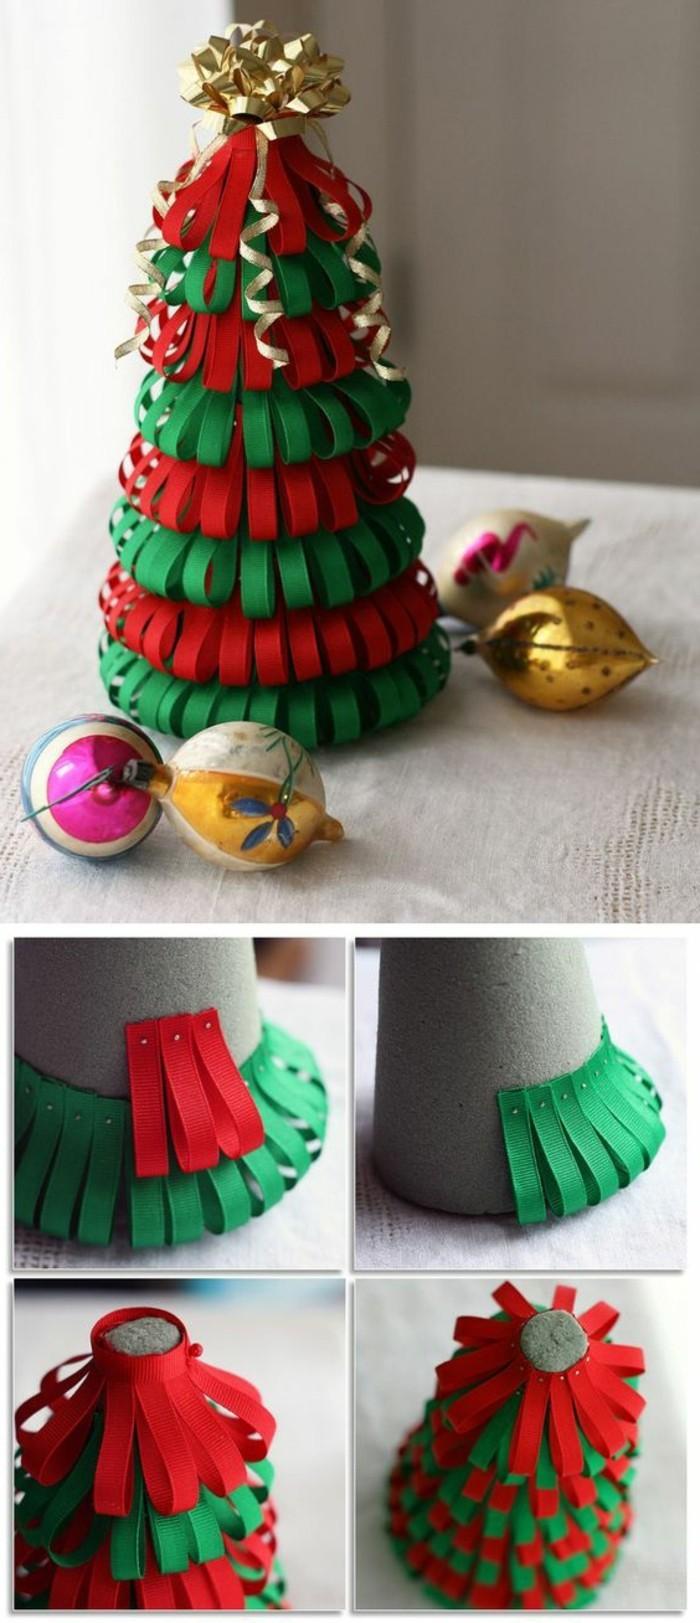 un-joli-sapin-de-noel-decoratif-fait-de-petites-bandes-de-feutrine-deco-noel-a-fabriquer-suggestion-sympa